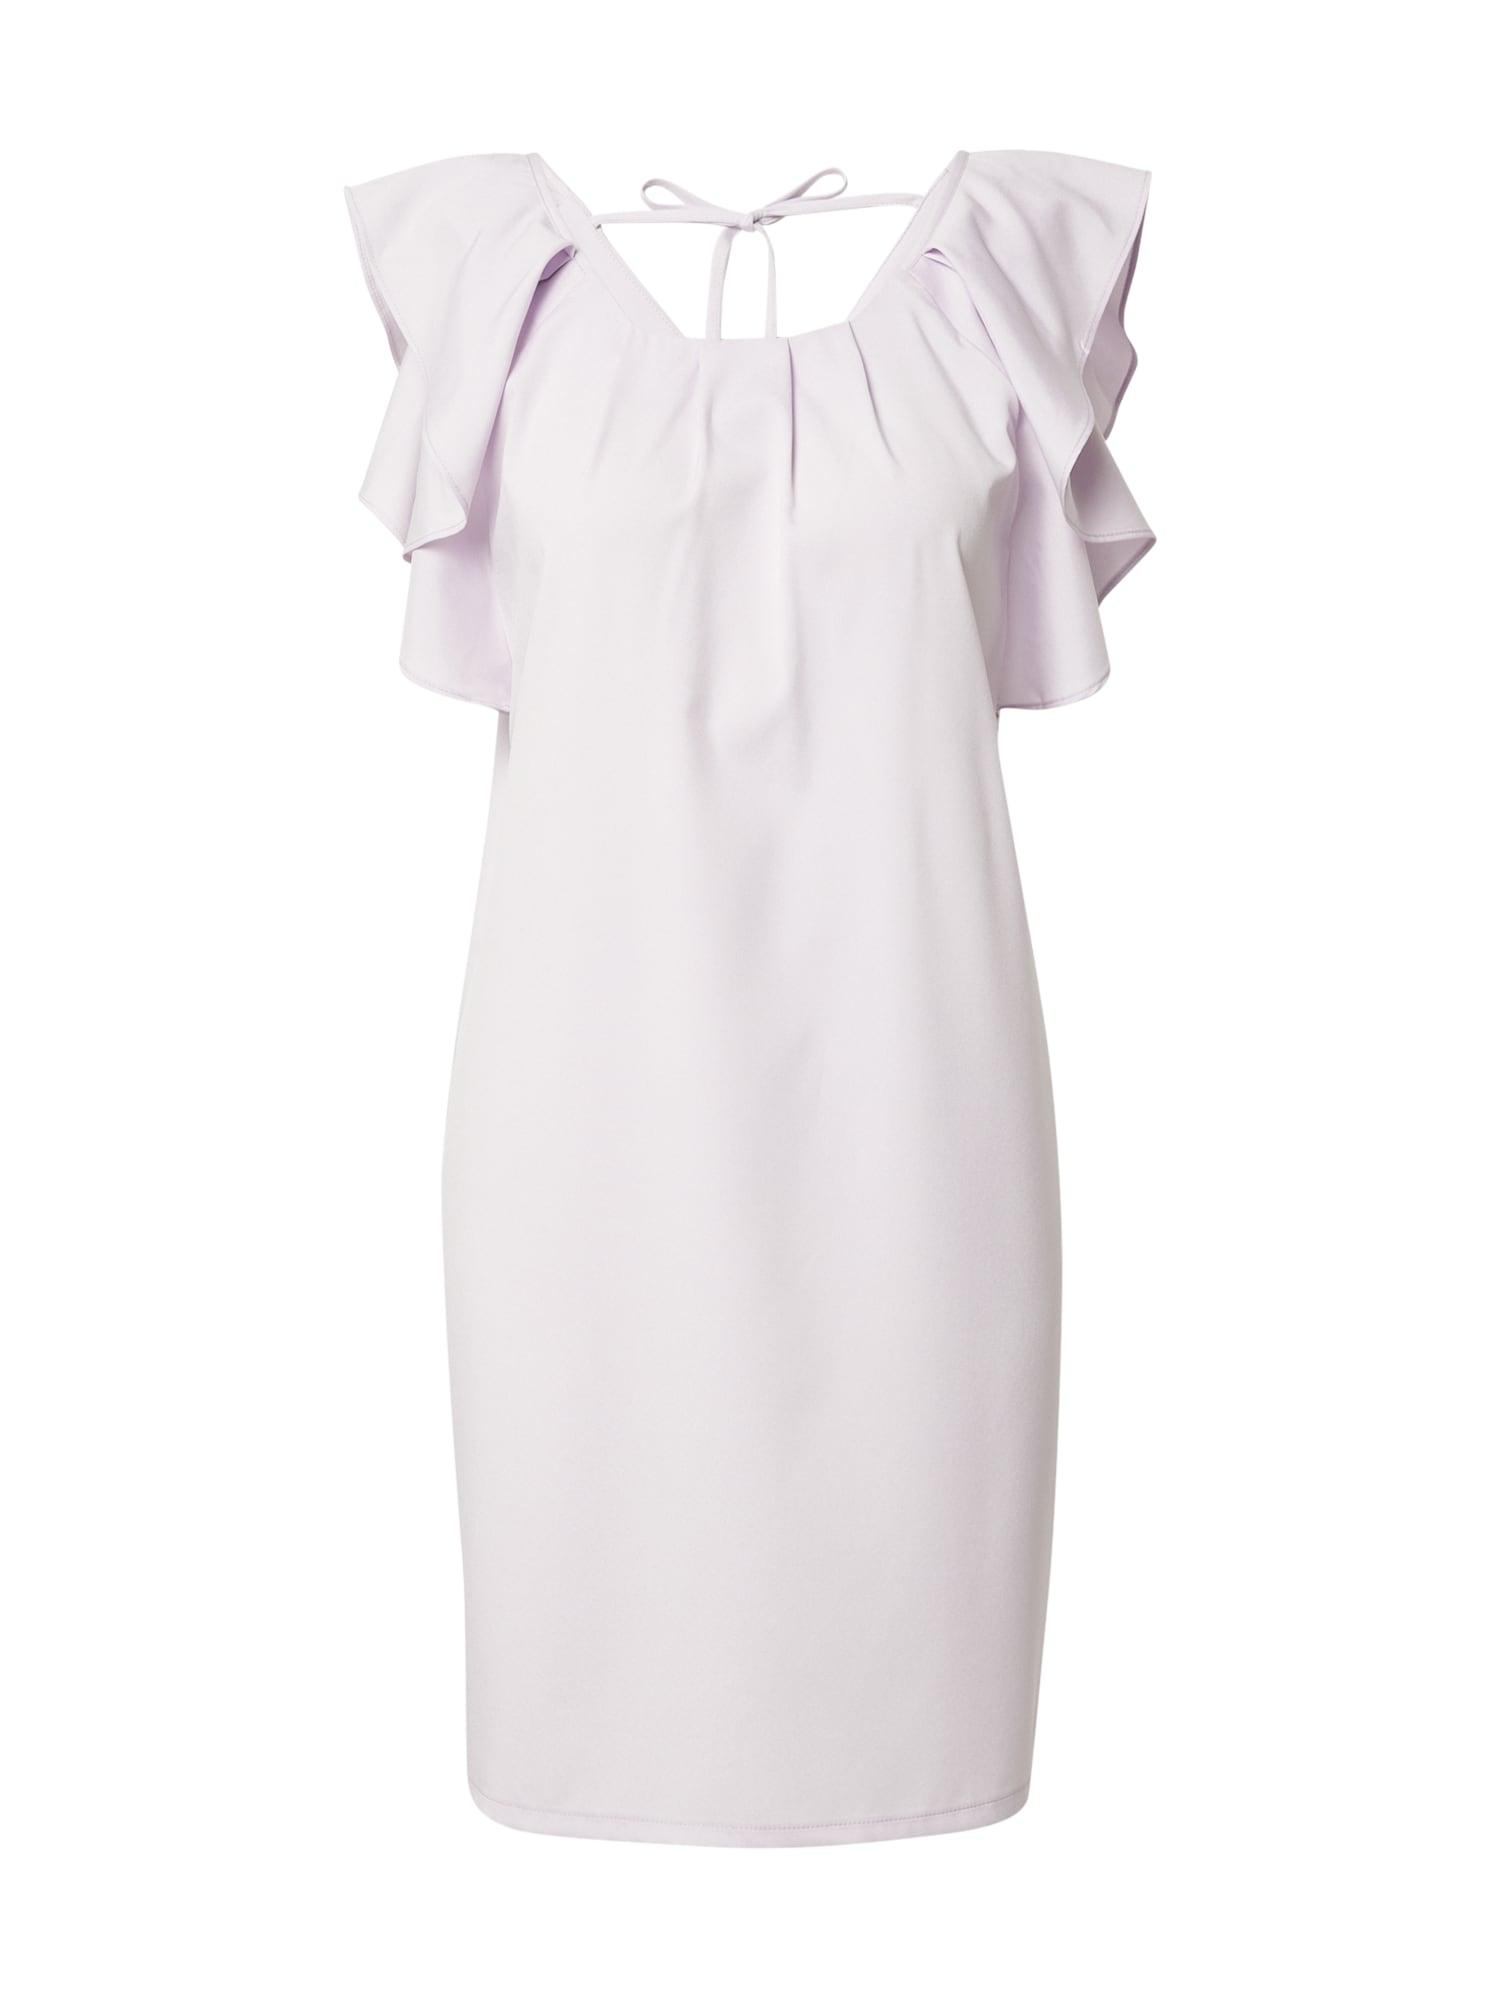 Molly BRACKEN Suknelė rausvai violetinė spalva